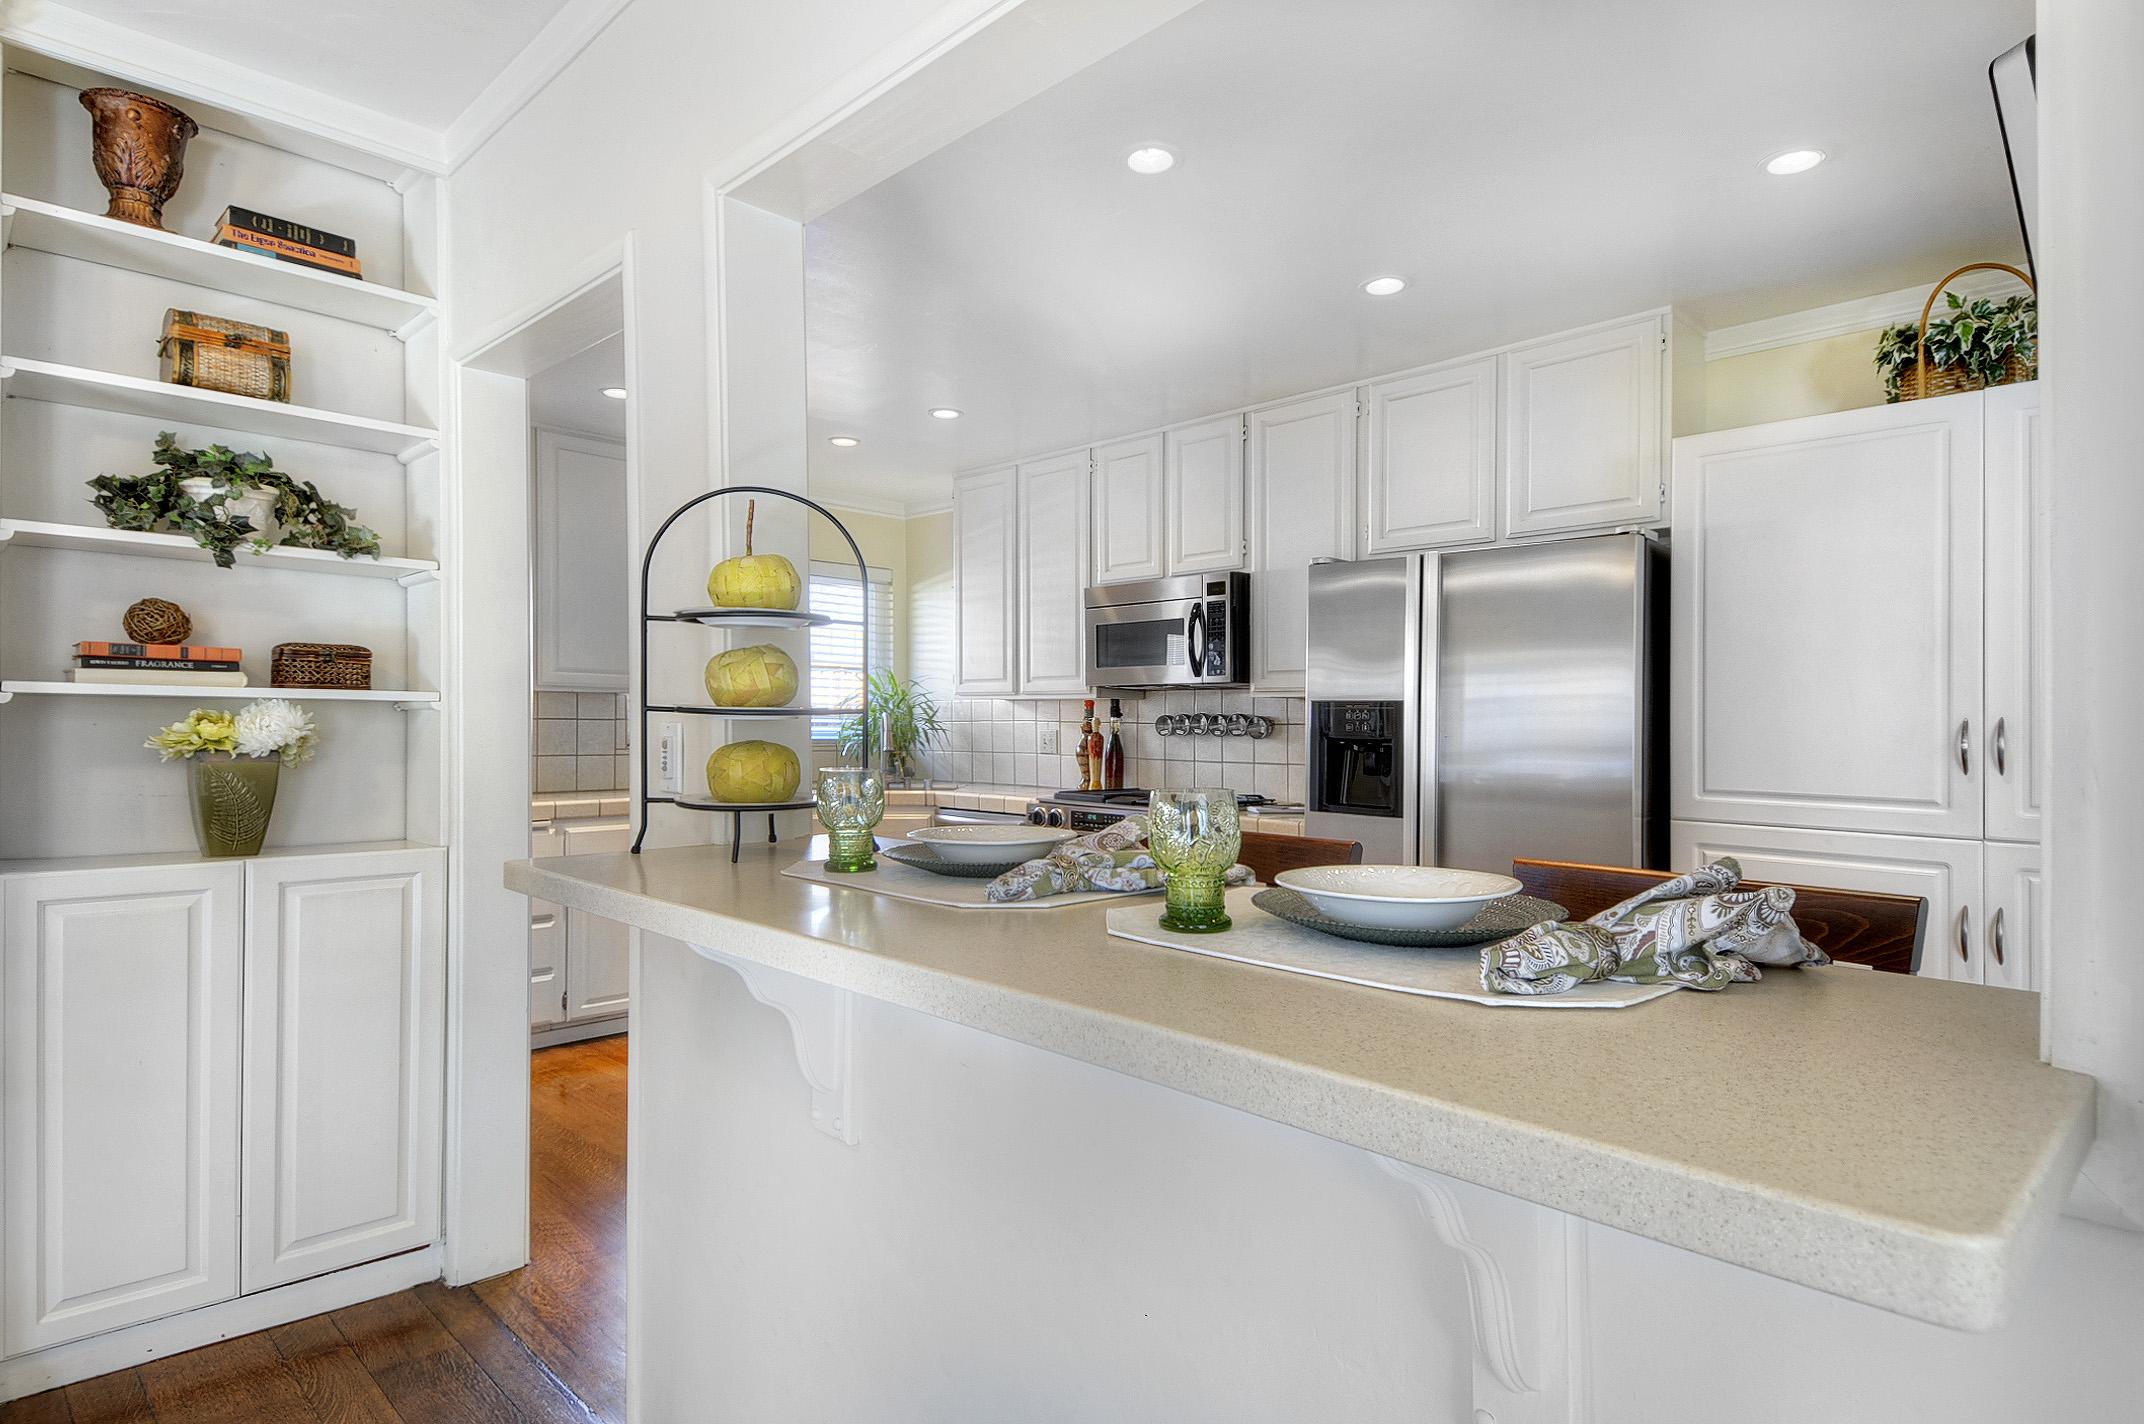 kitchen1a (1).jpg